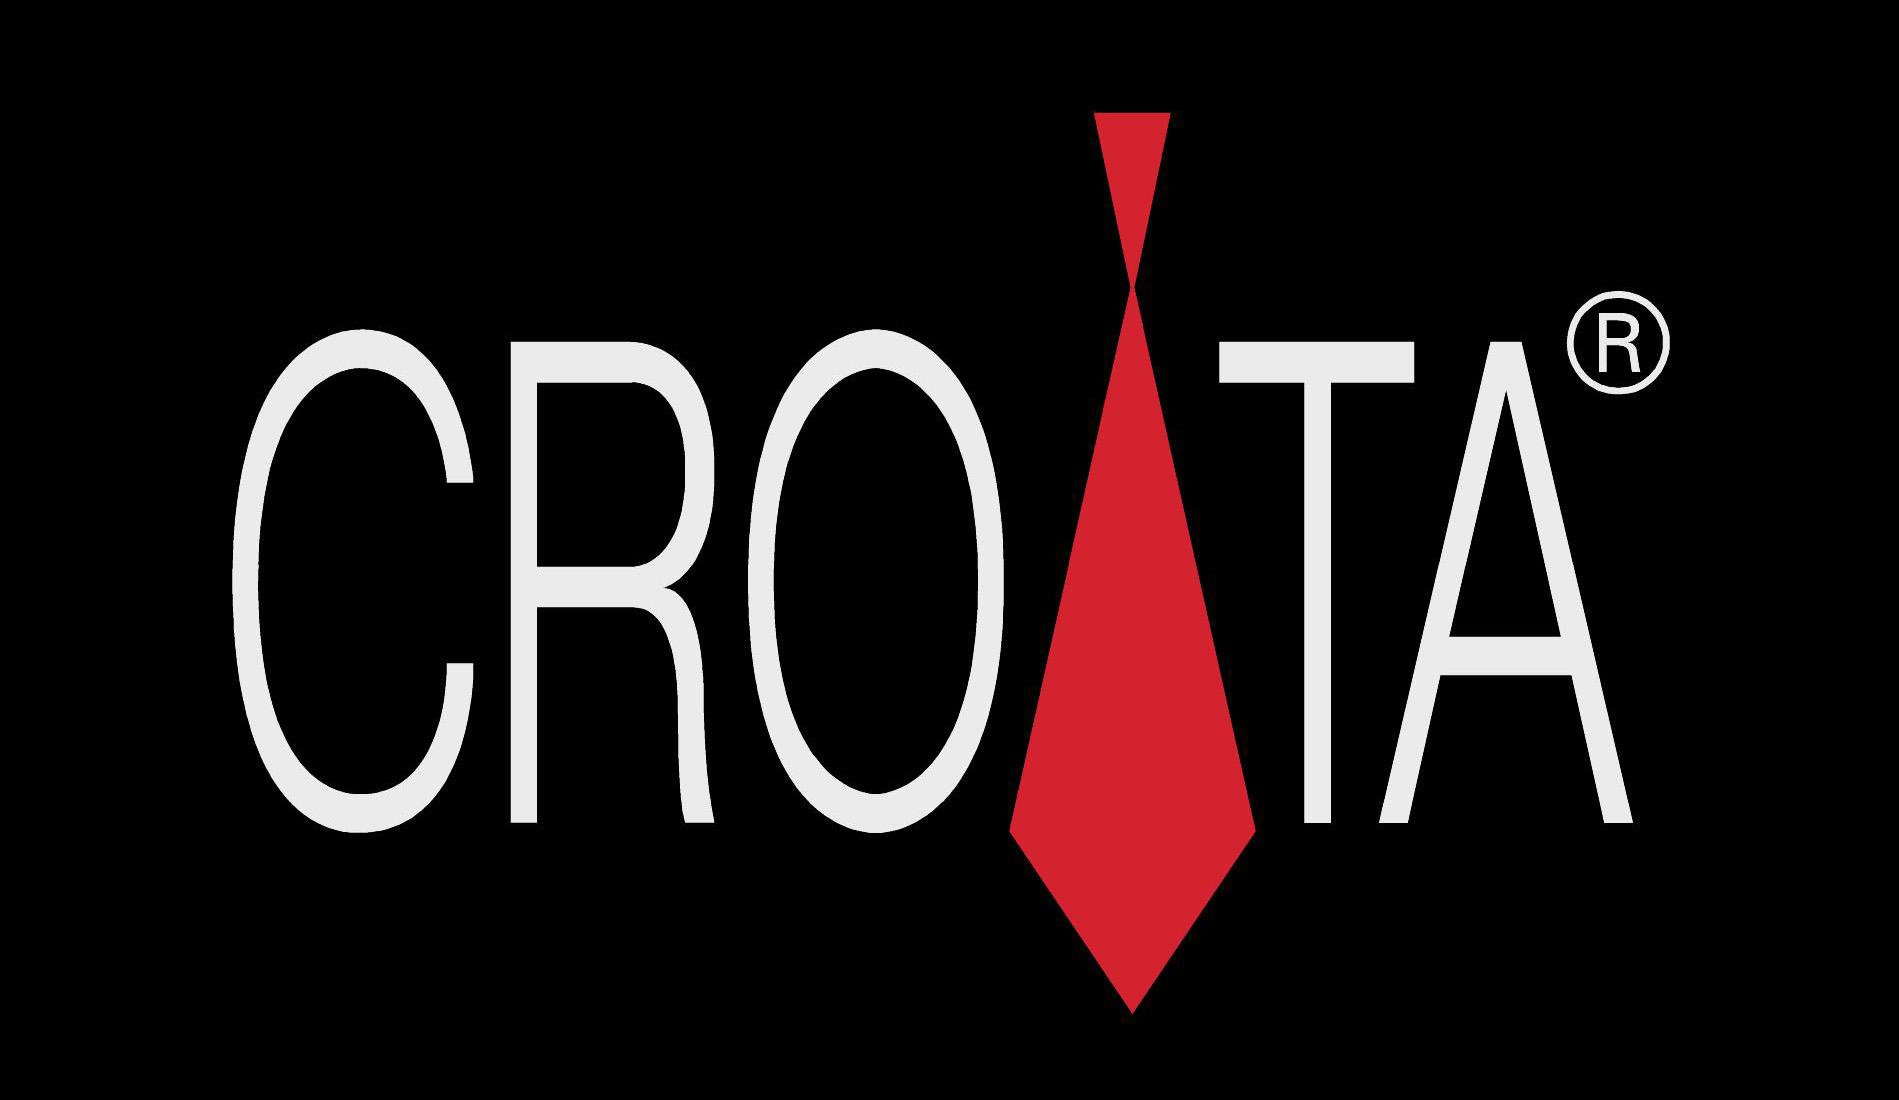 croata.hr favicon